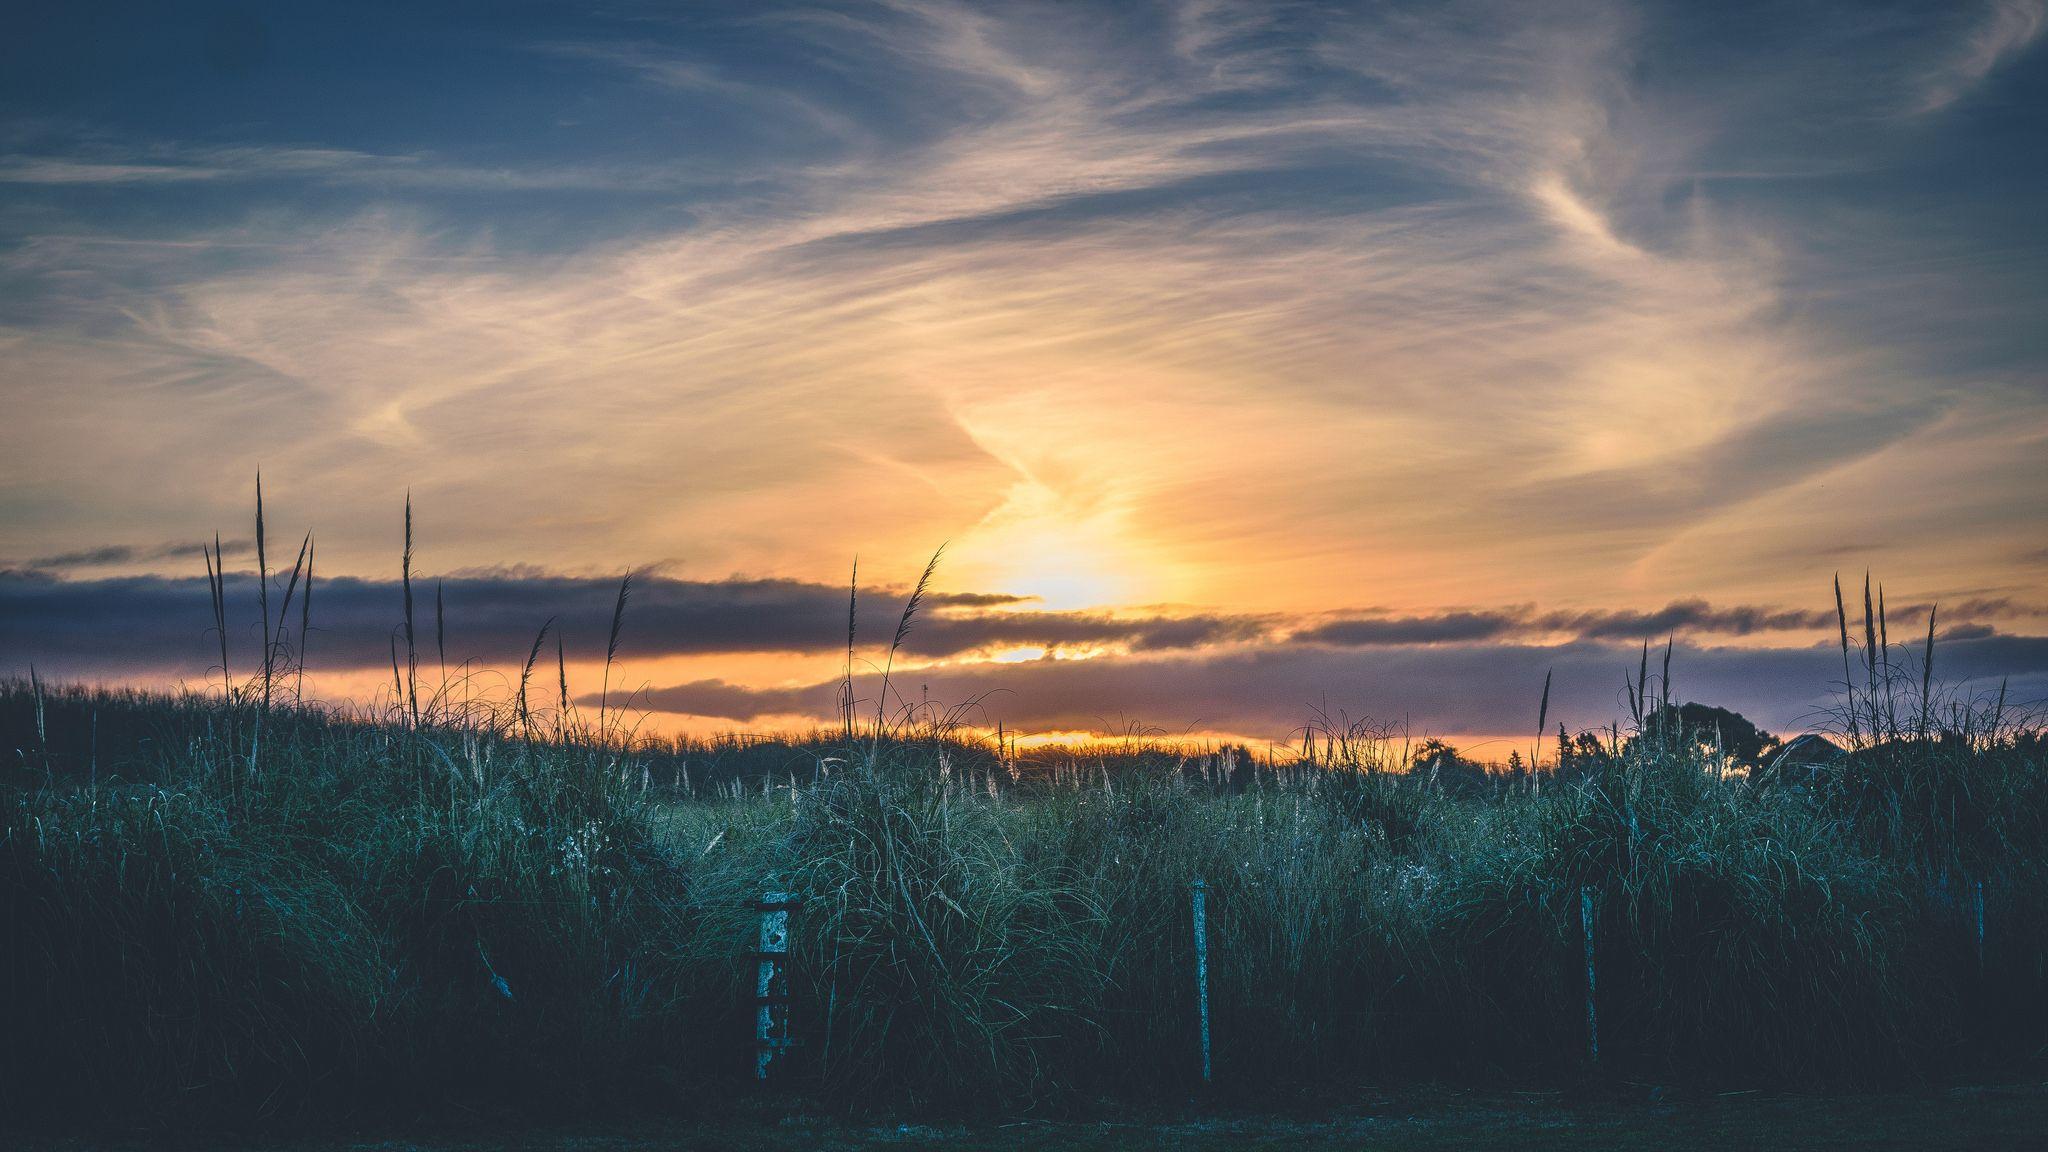 https://flic.kr/p/WVmkiv   Sunset